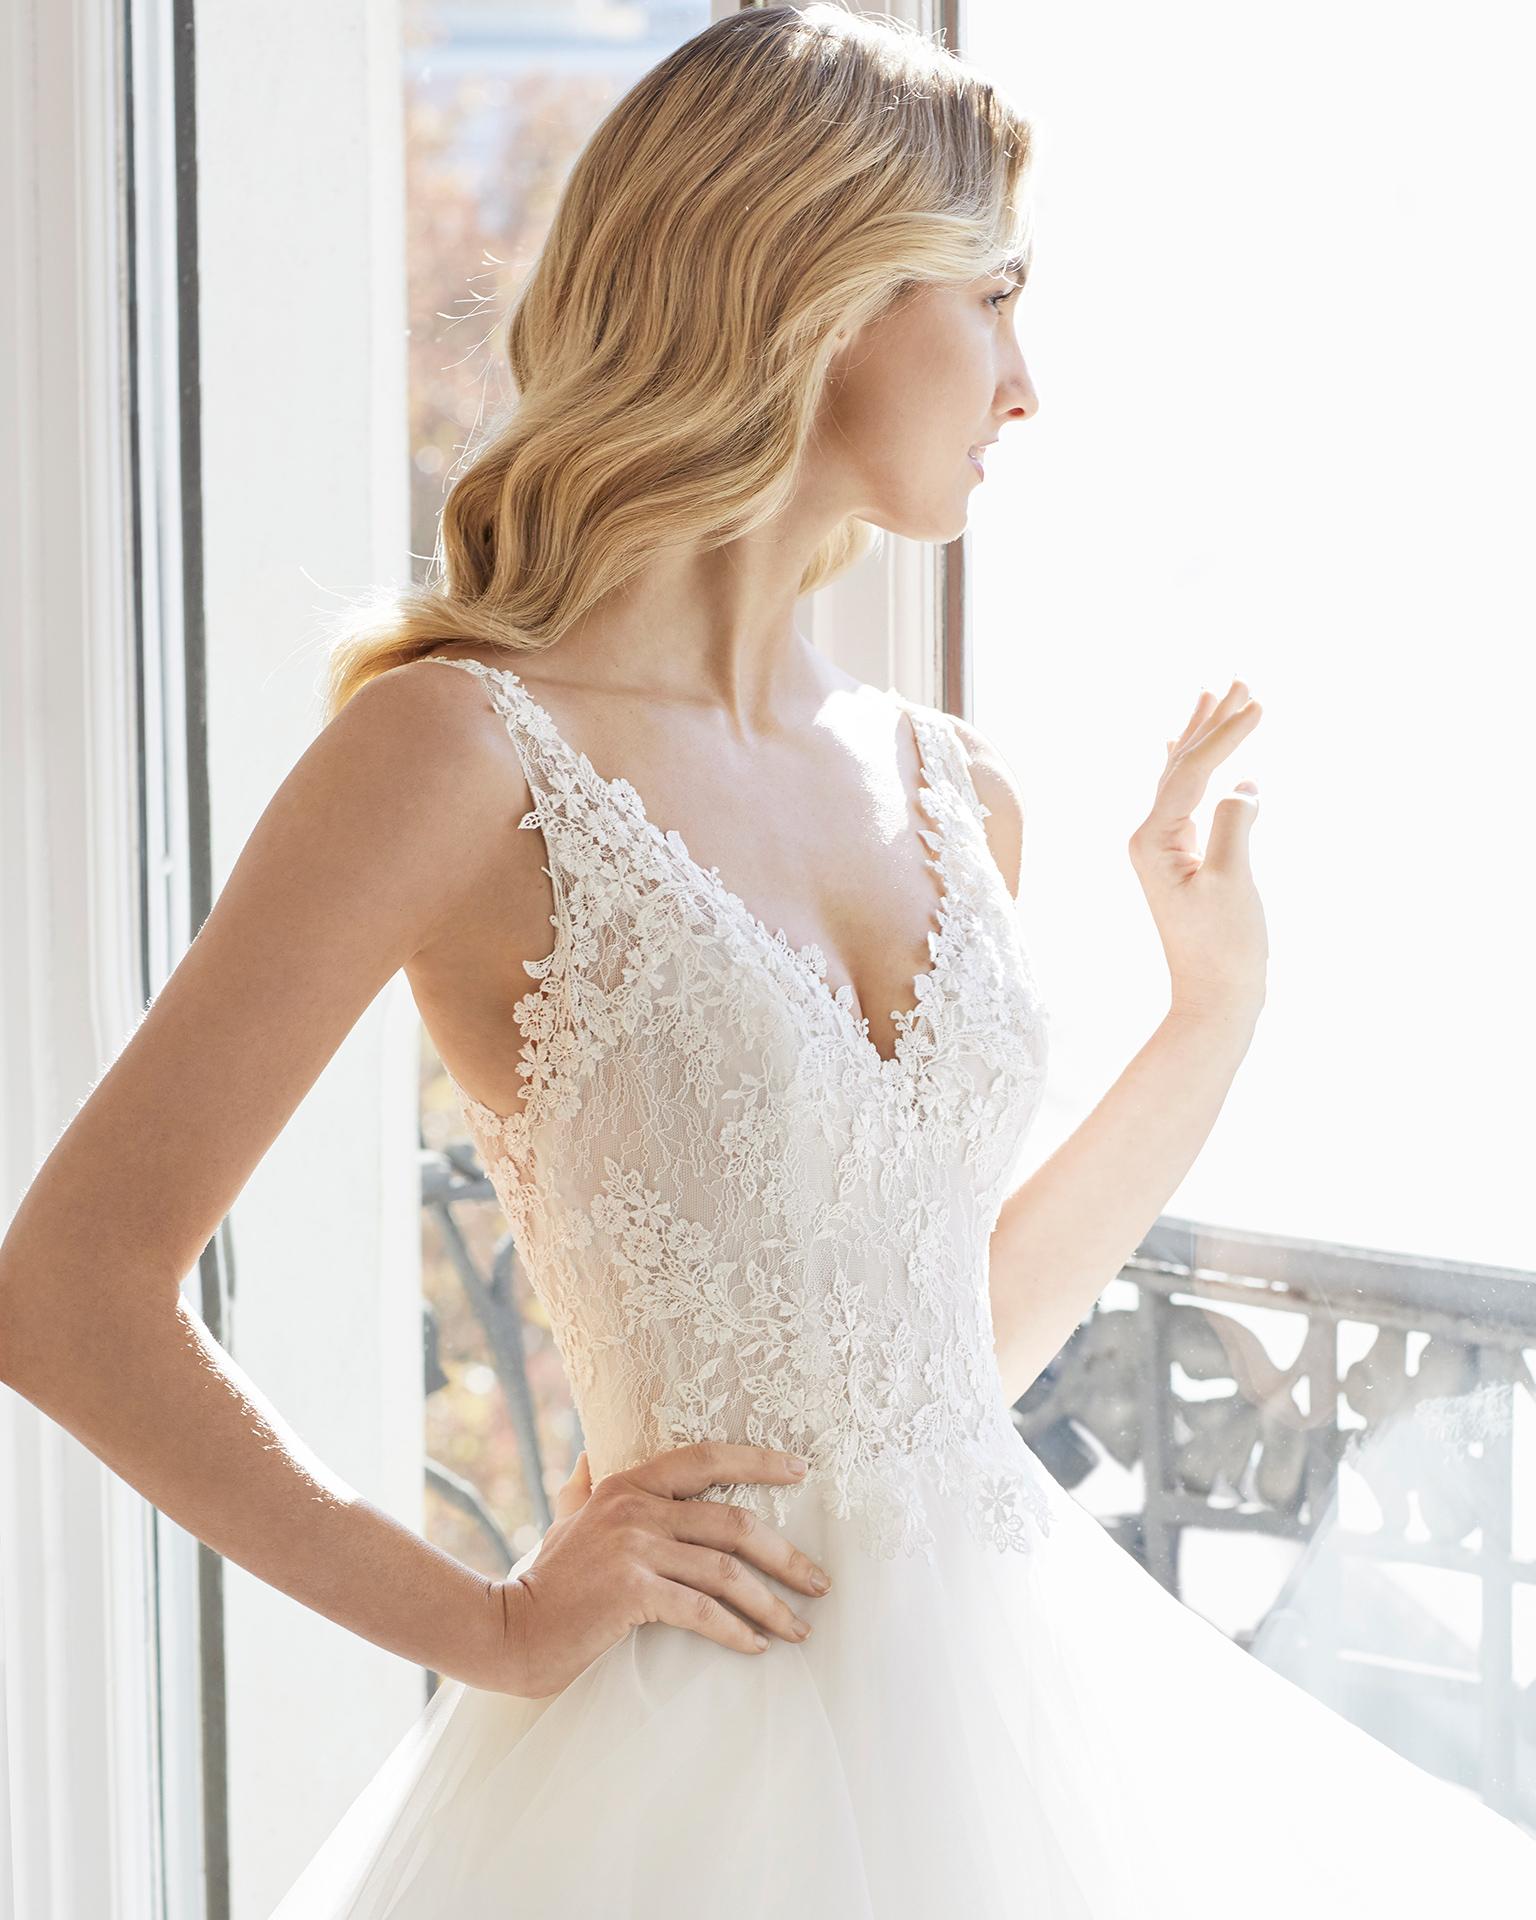 Vestido de novia estilo princesa de encaje y volantes de tul. Escote en V y espalda en V. Disponible en color natural. Colección AIRE BARCELONA 2019.